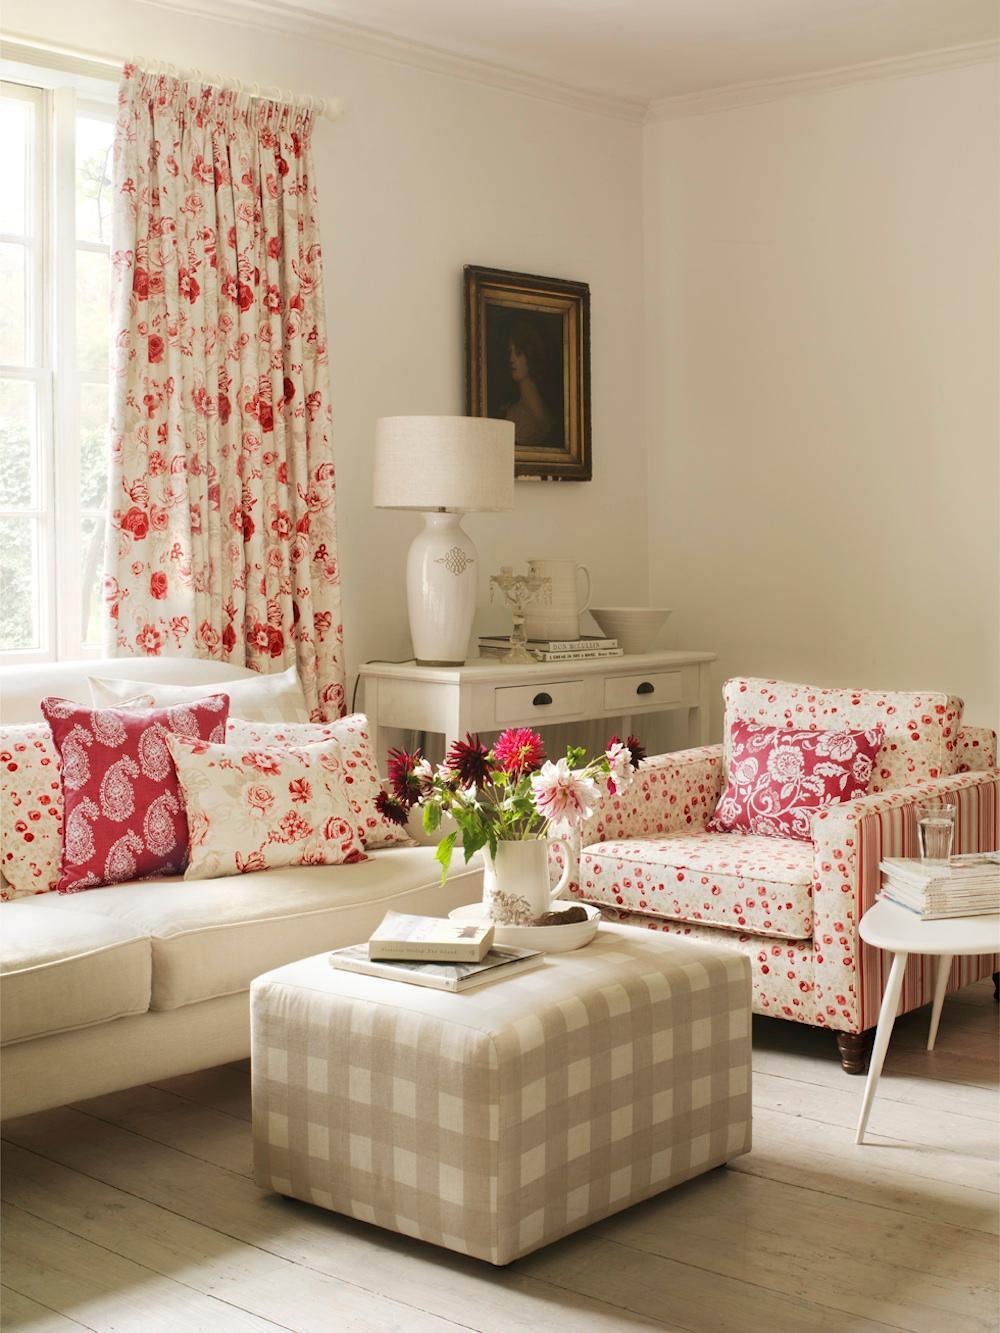 Sitzecke In Einer Frohlichen Stilvollen Kombination Aus Rot Und Naturtonen Wohnzimmer Sessel